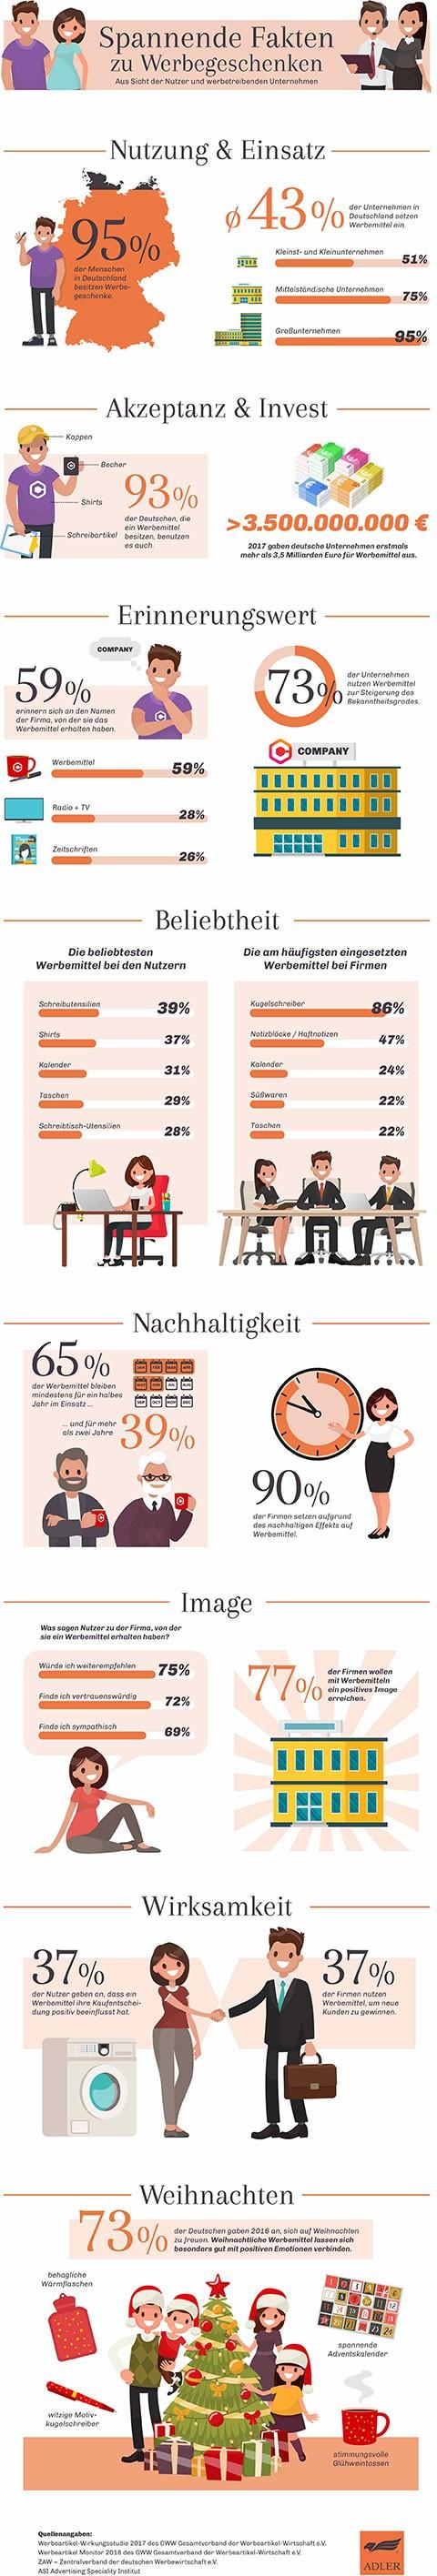 Infografik - Spannede Fakten zu Werbegeschenken